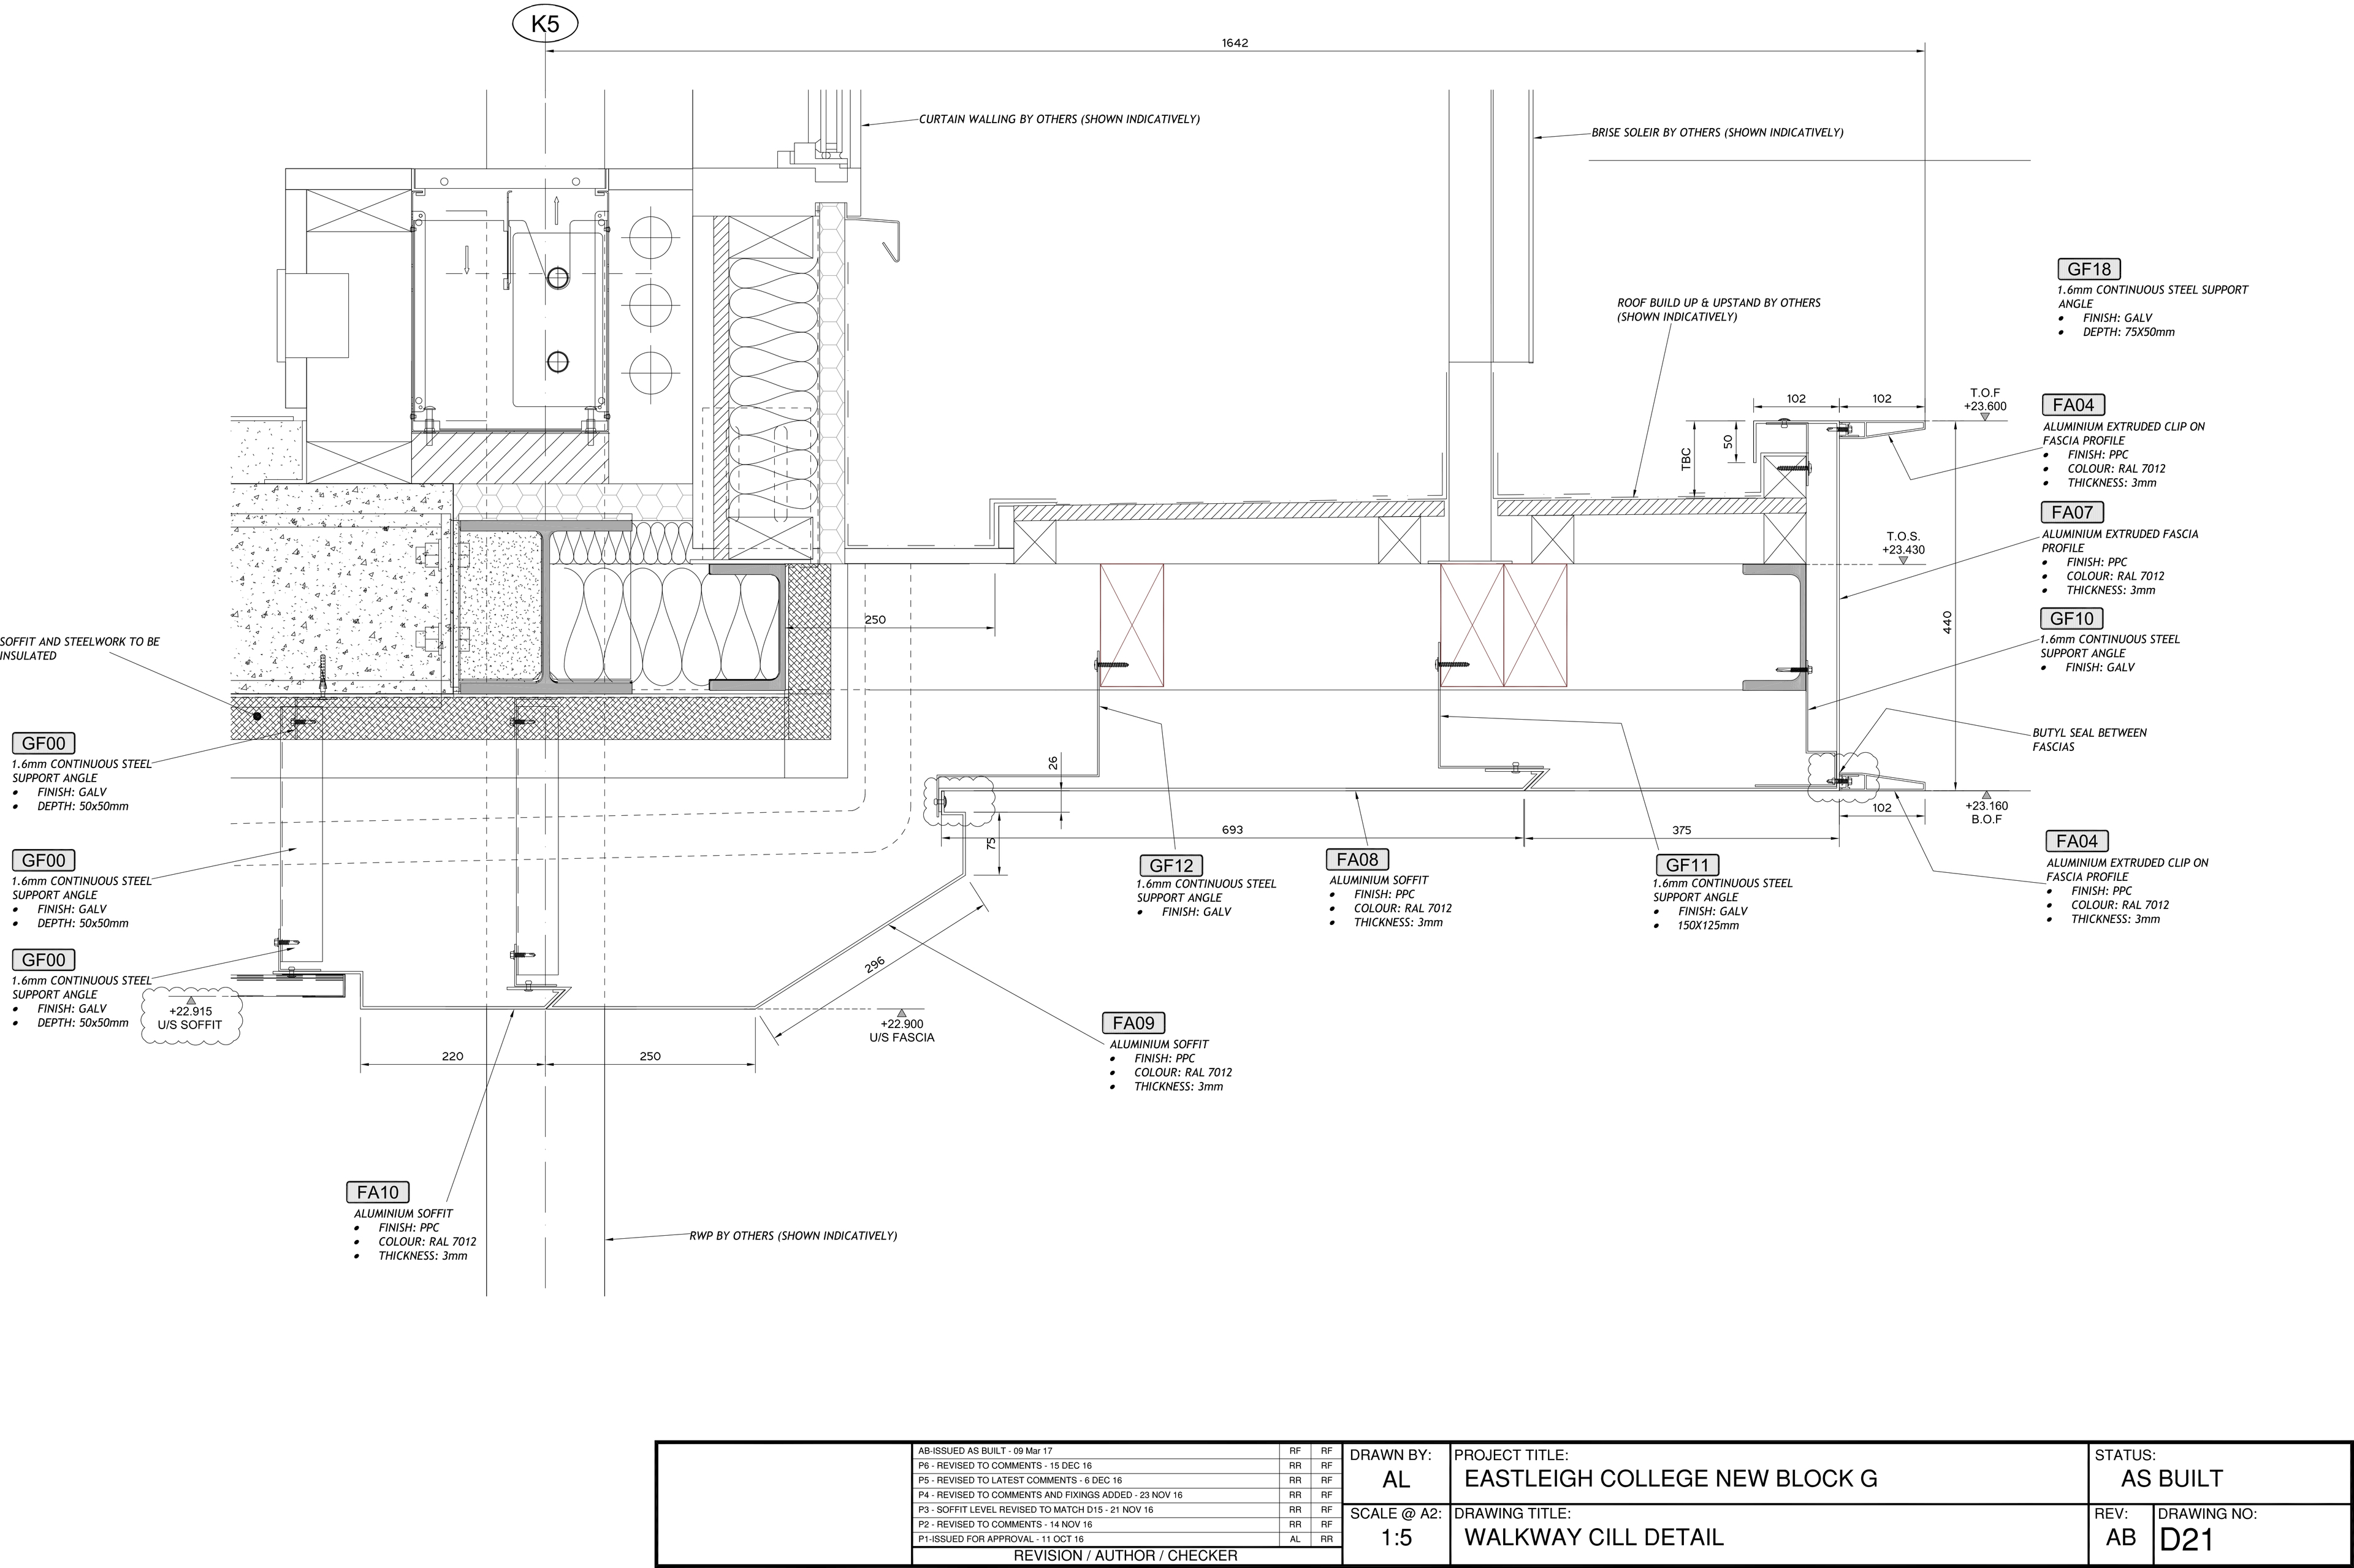 Blueprint 4